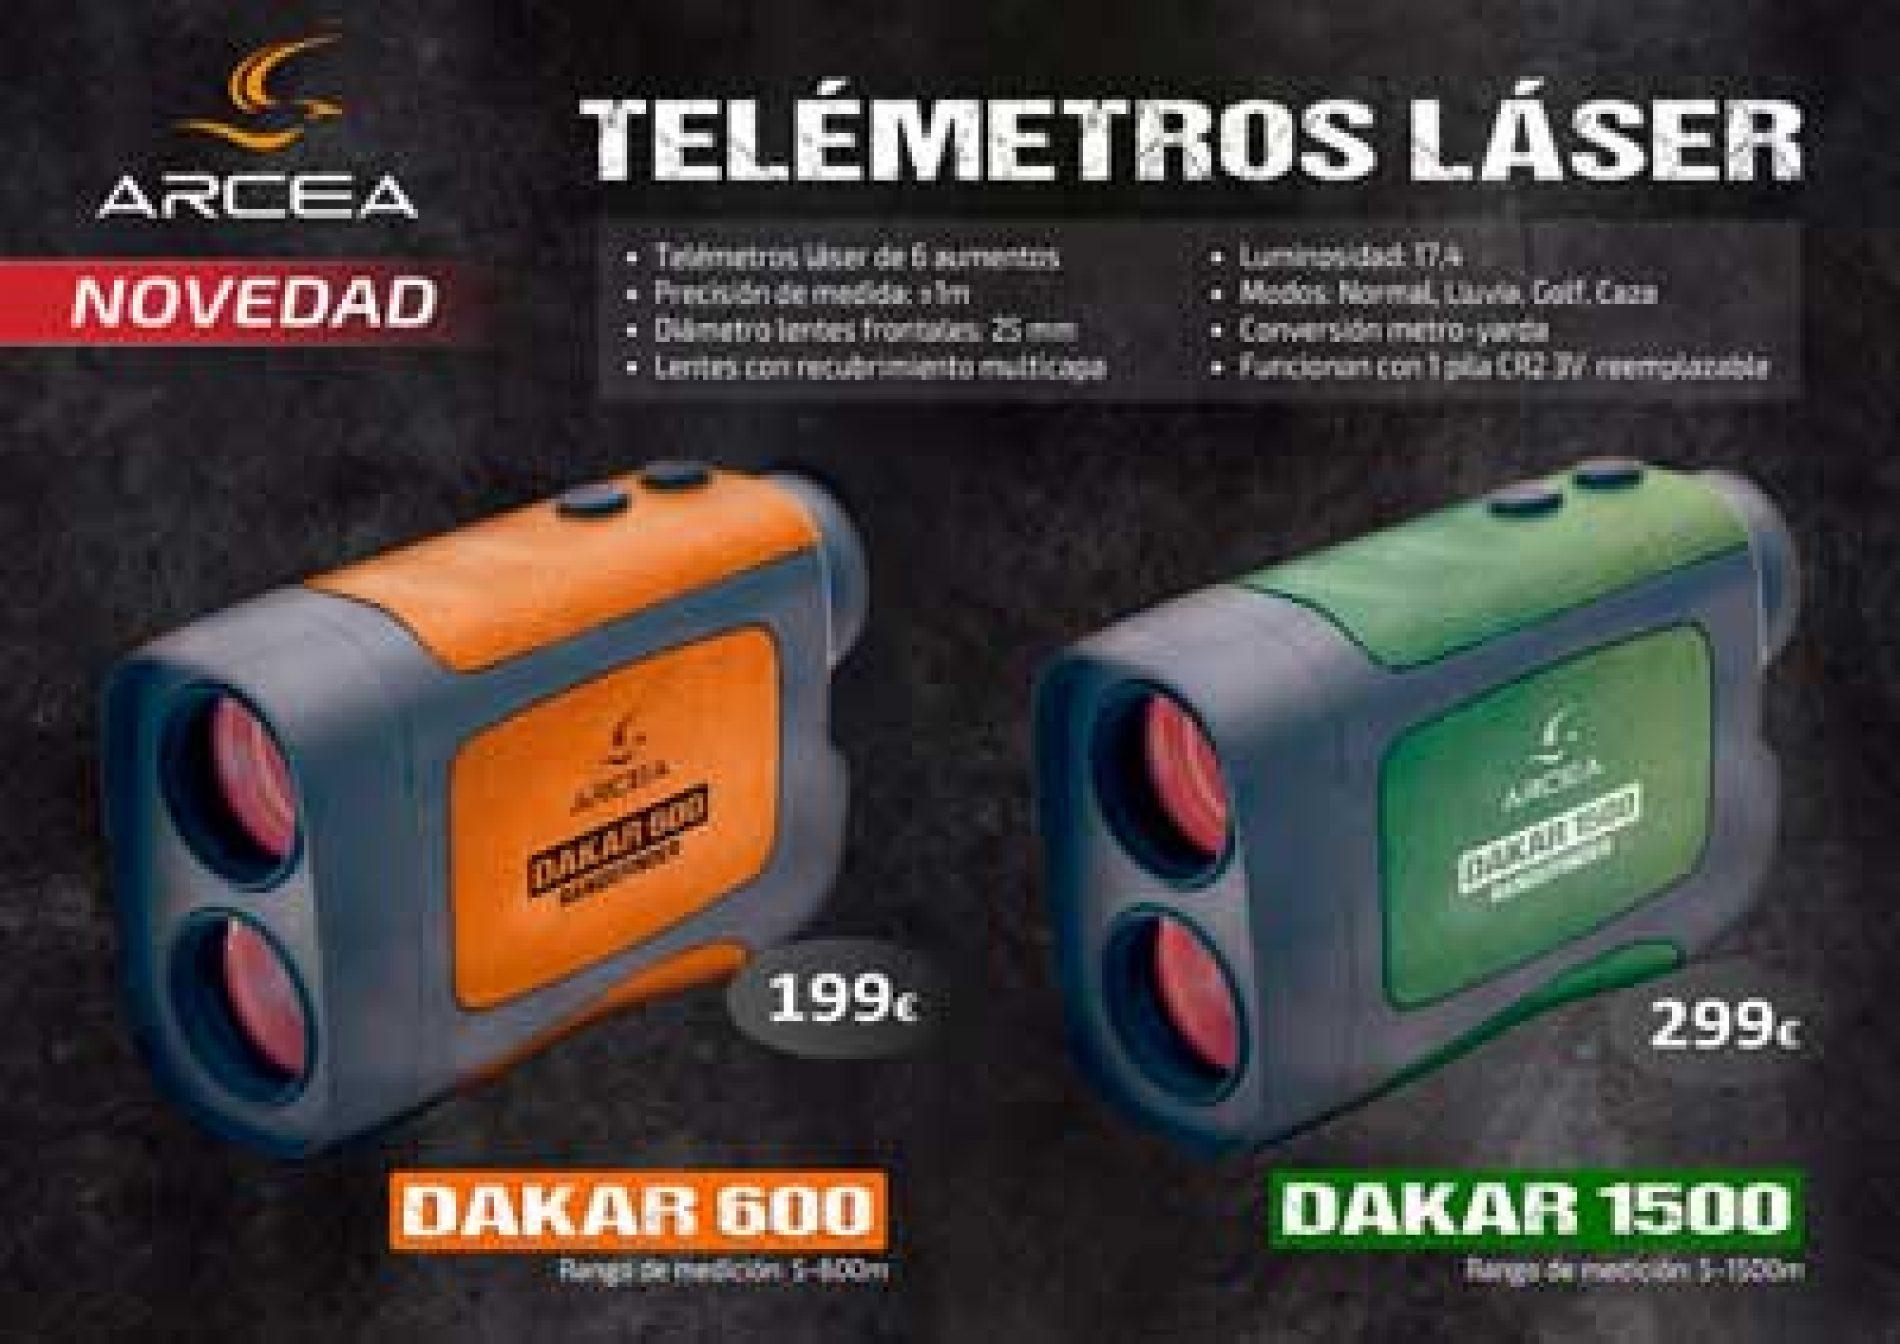 ARCEA distribuye Dos nuevos Telémetros Laser